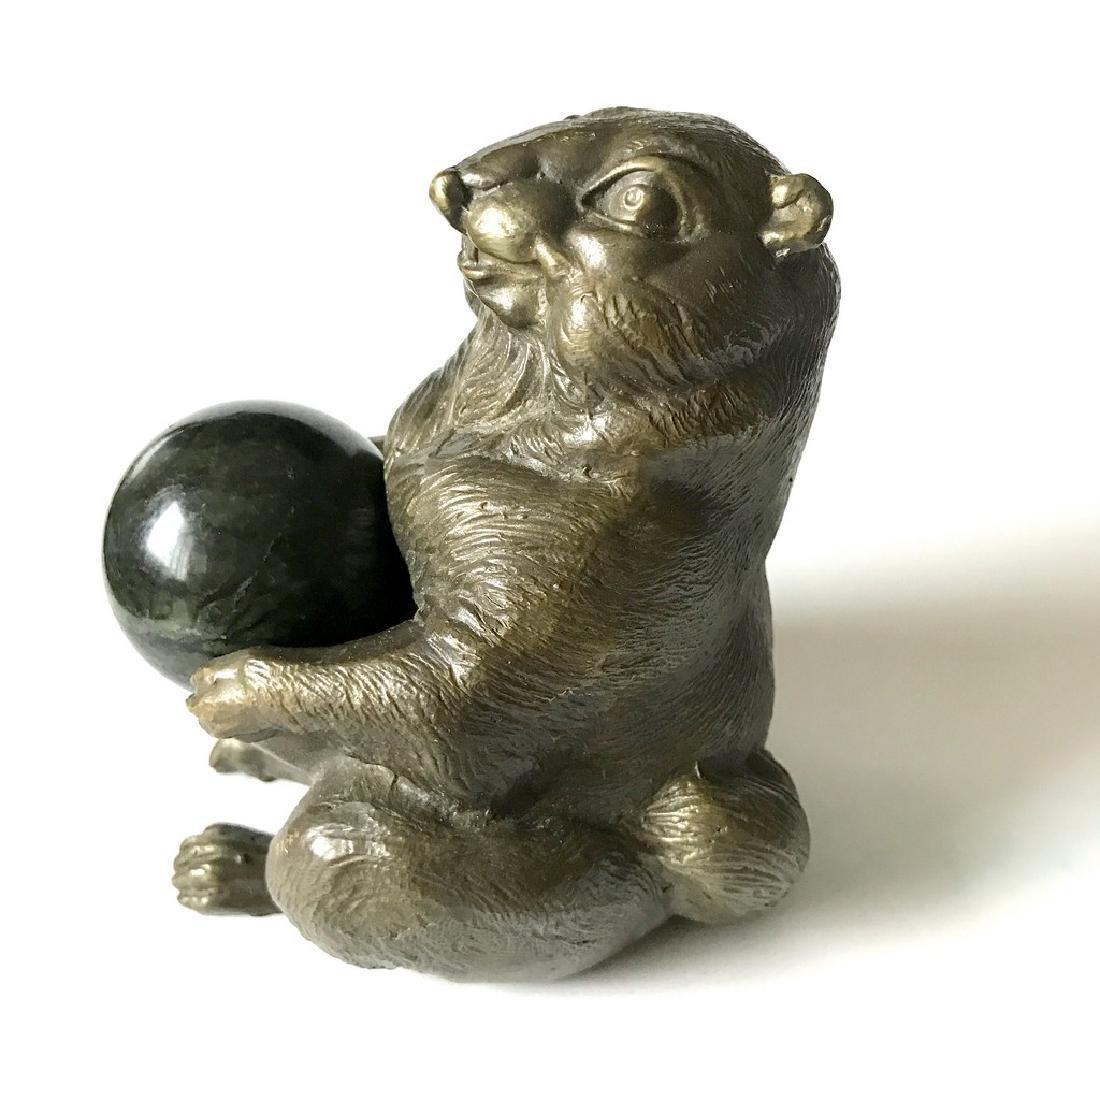 Vintage statue bronze Chipmunk Serpentine shpere ø40mm - 3